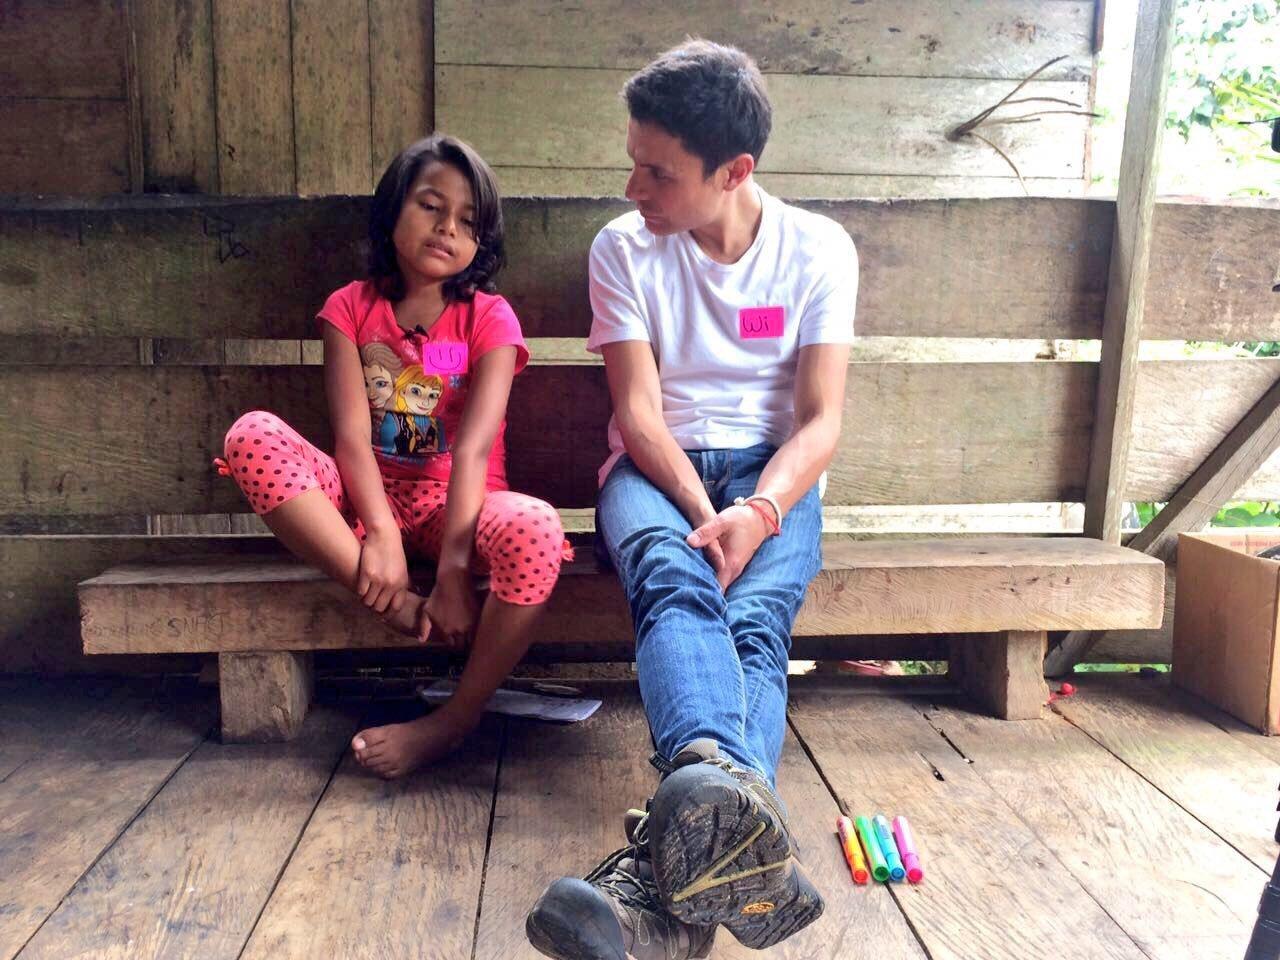 La Fundación Cecilia Rivadeneira realiza desde 2004 un trabajo de asistencia a personas que padecen cáncer, especialmente niños y sus familias. En la foto, su director, Wilson Merino.